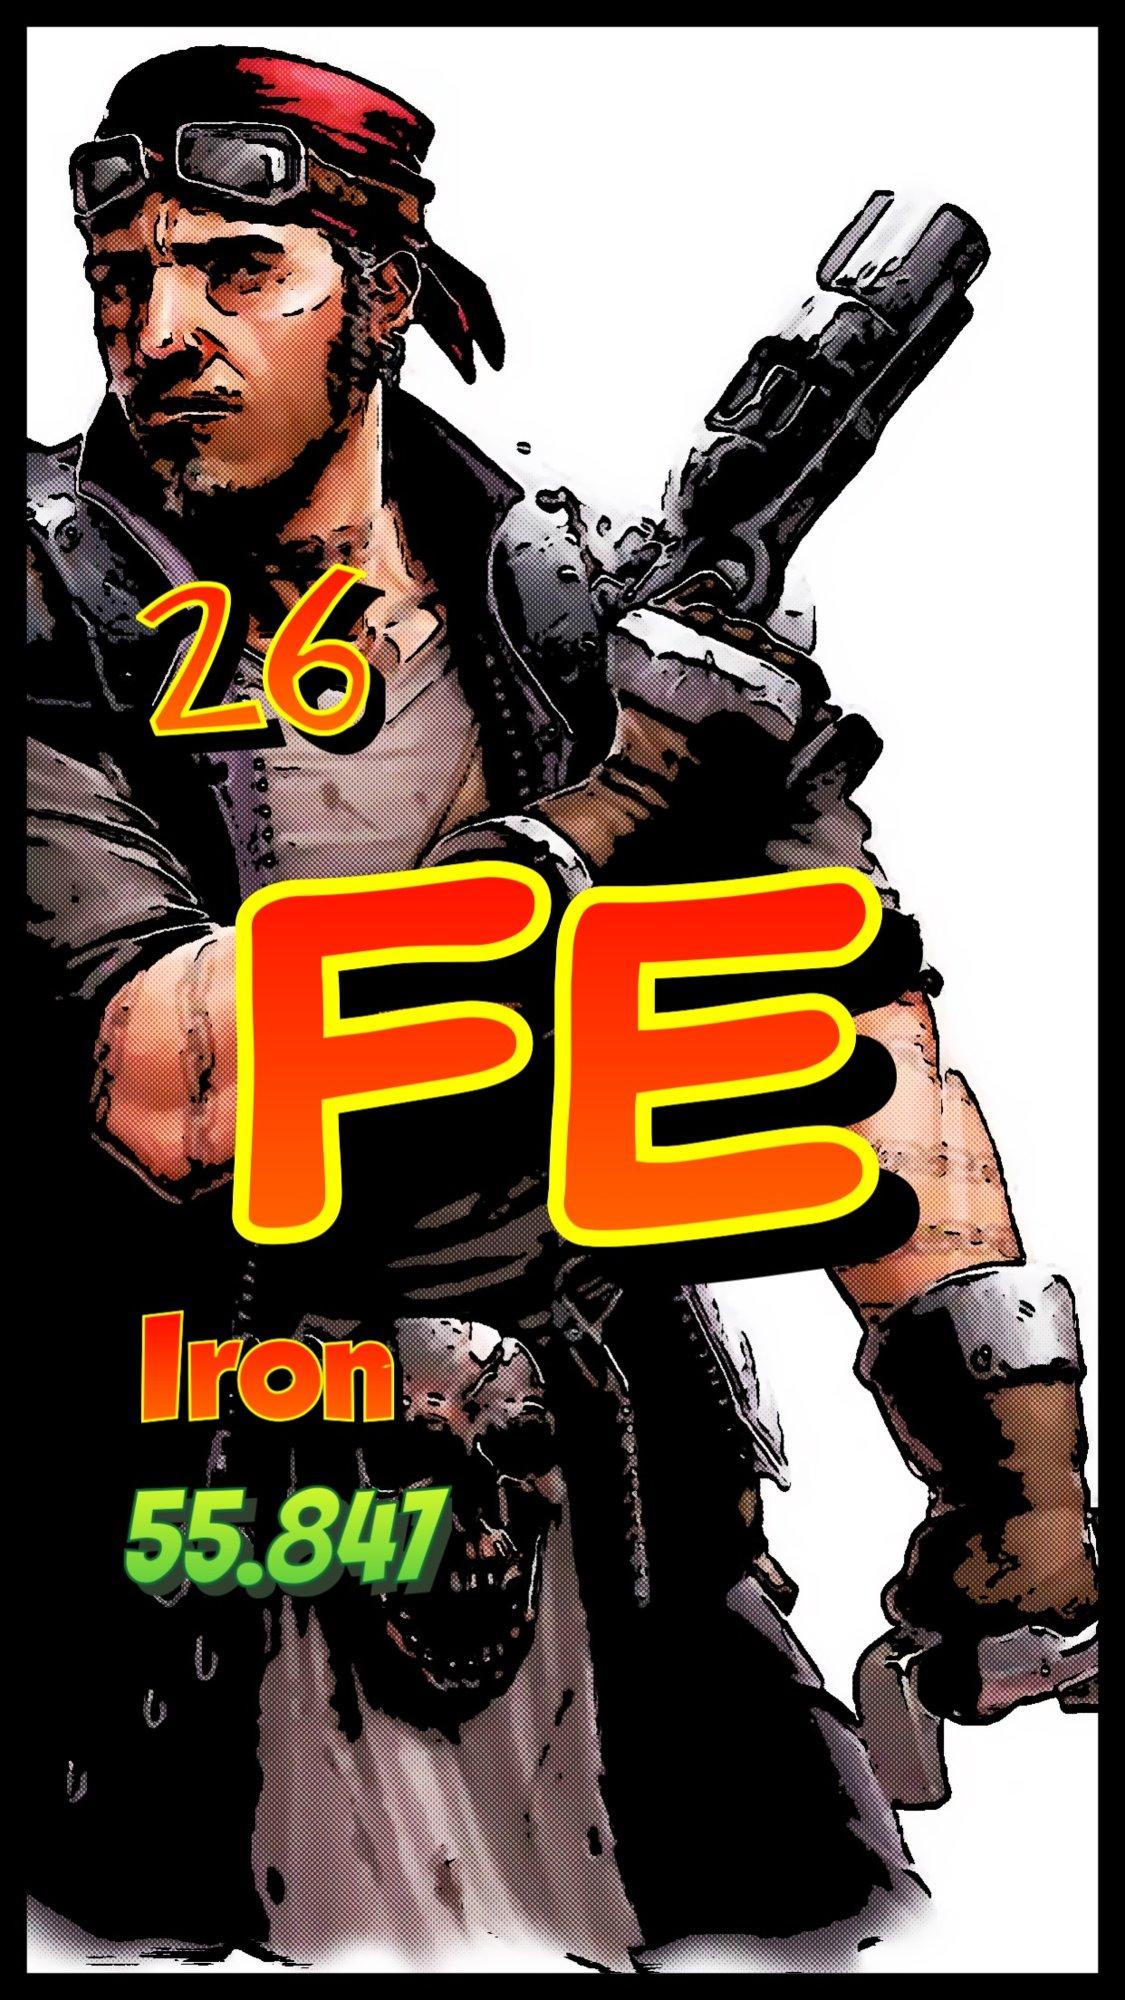 73EAE6EE-1233-4D94-89EA-4A6CE6F6B74D.jpeg